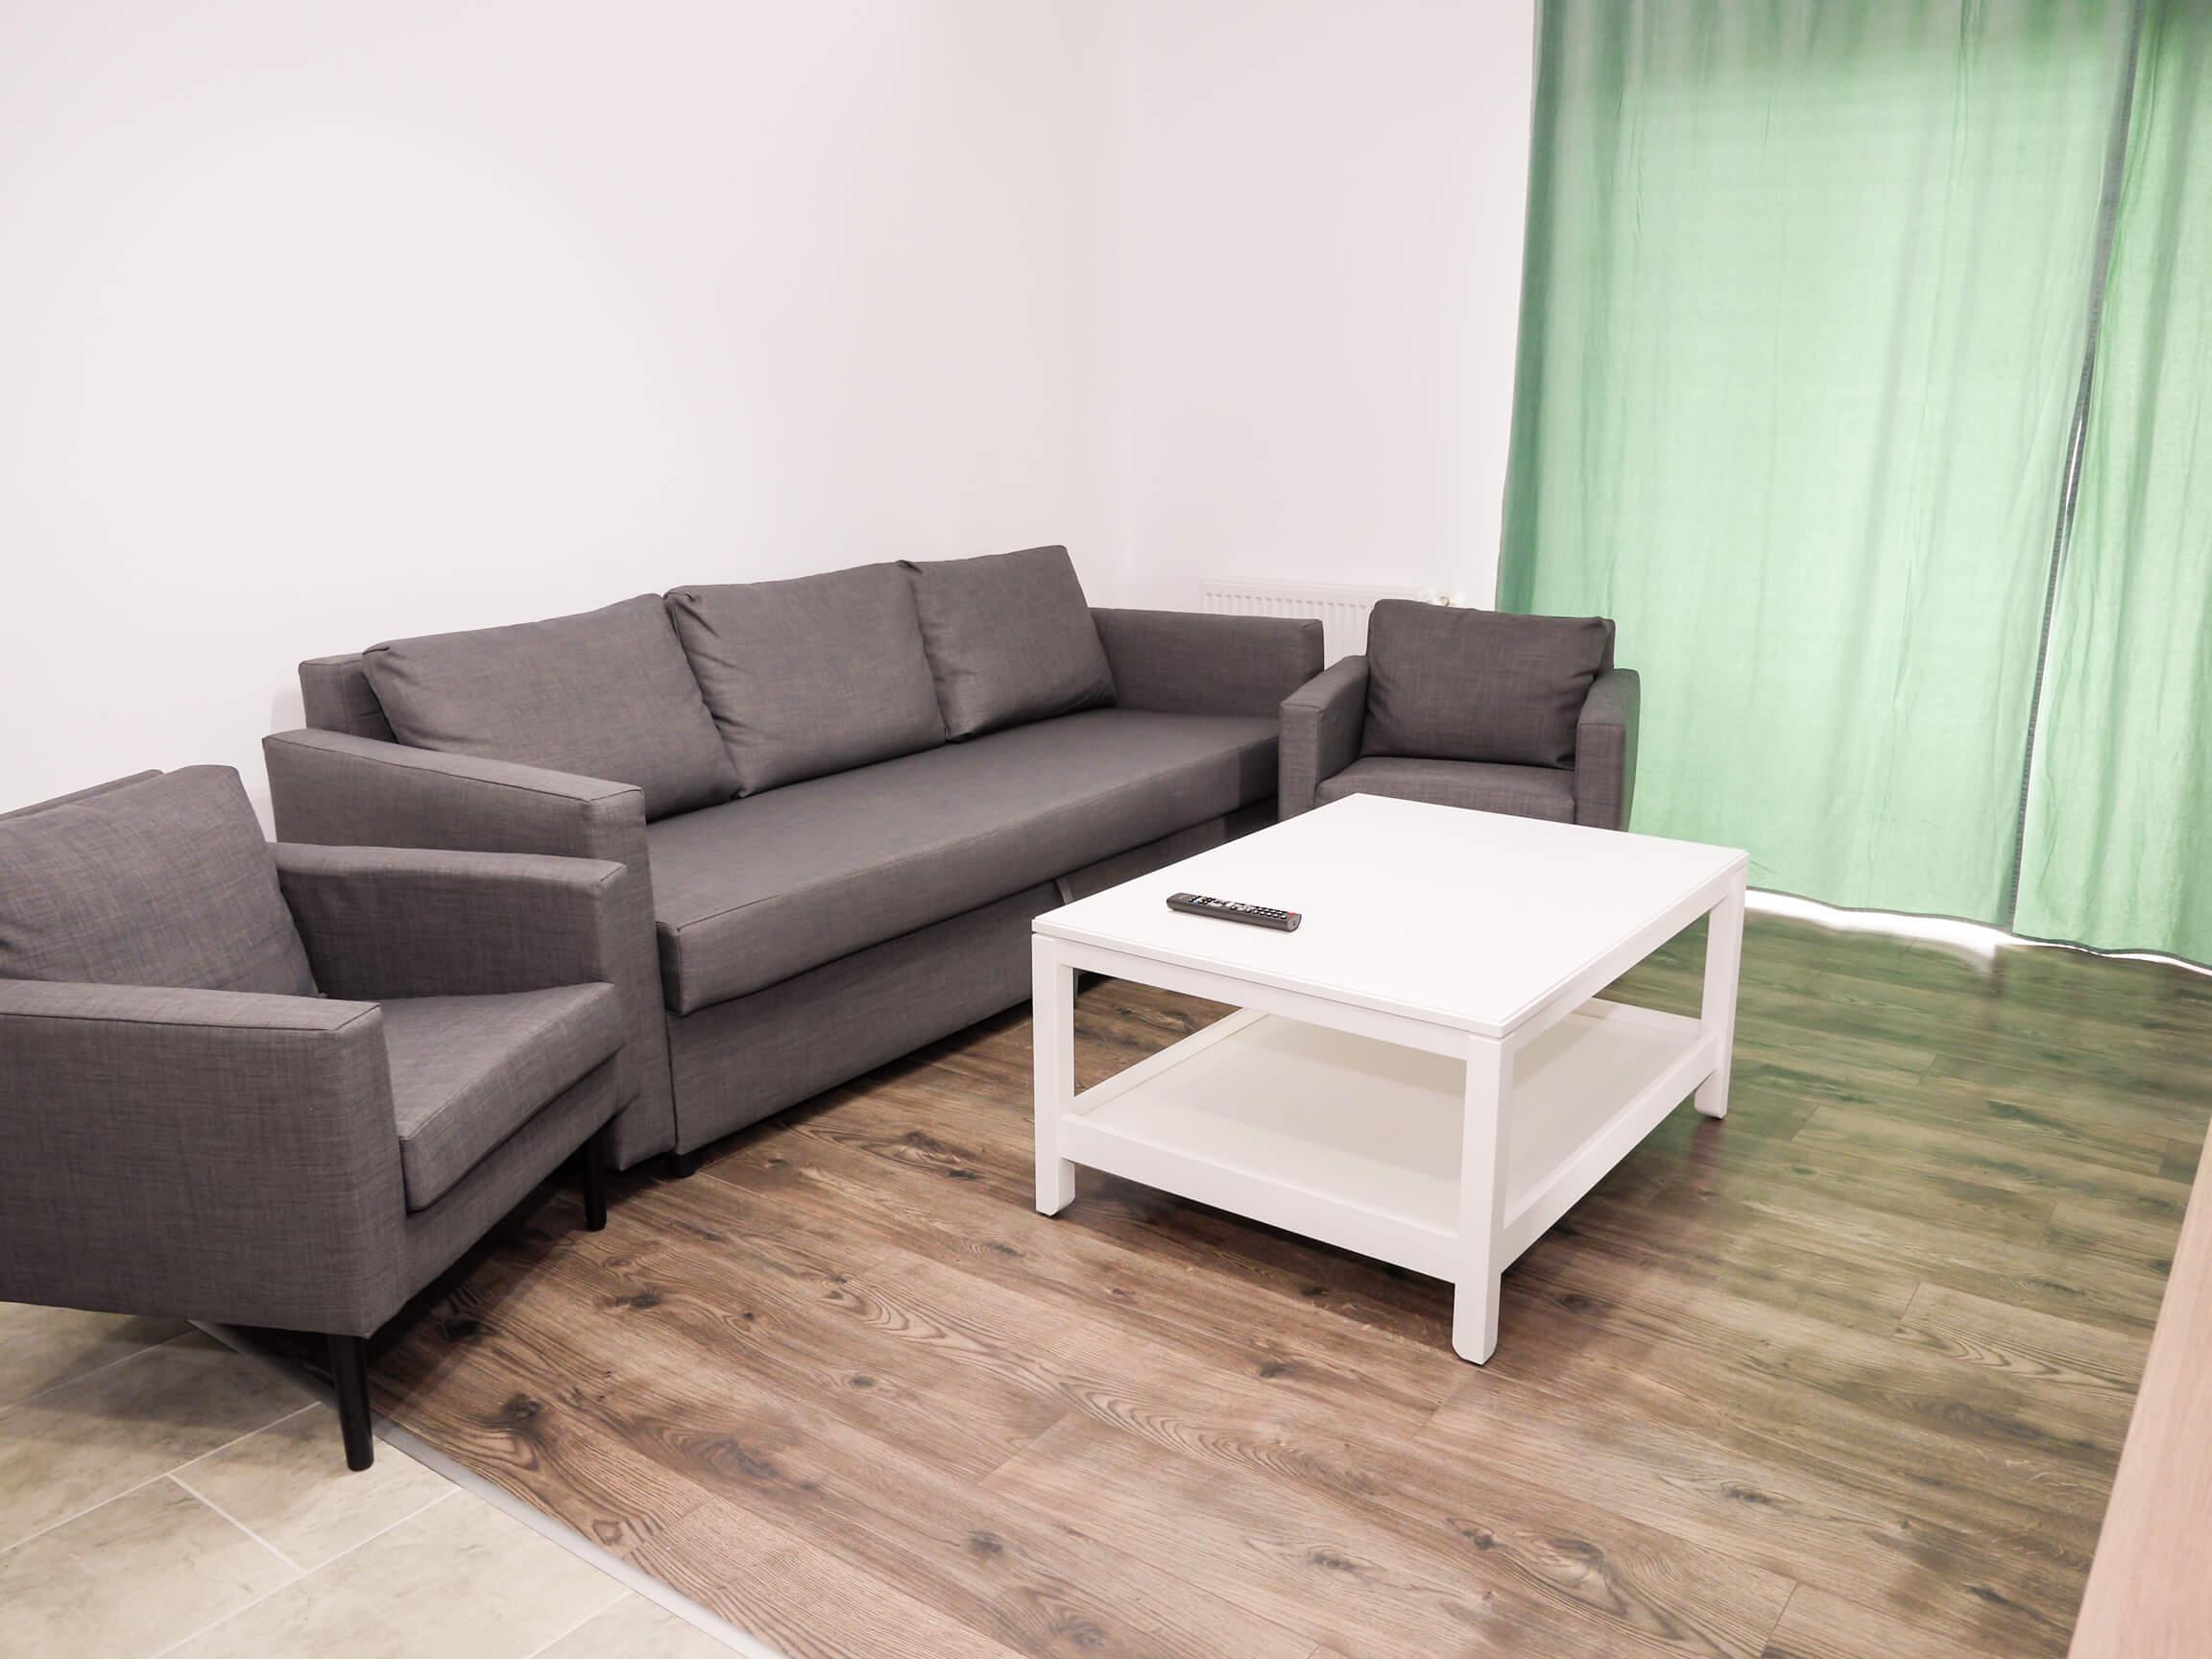 Clement Apartments - apartamente de inchiriat in regim hotelier - cazare neamt - cazare piatra neamt - apartament 7 (1)